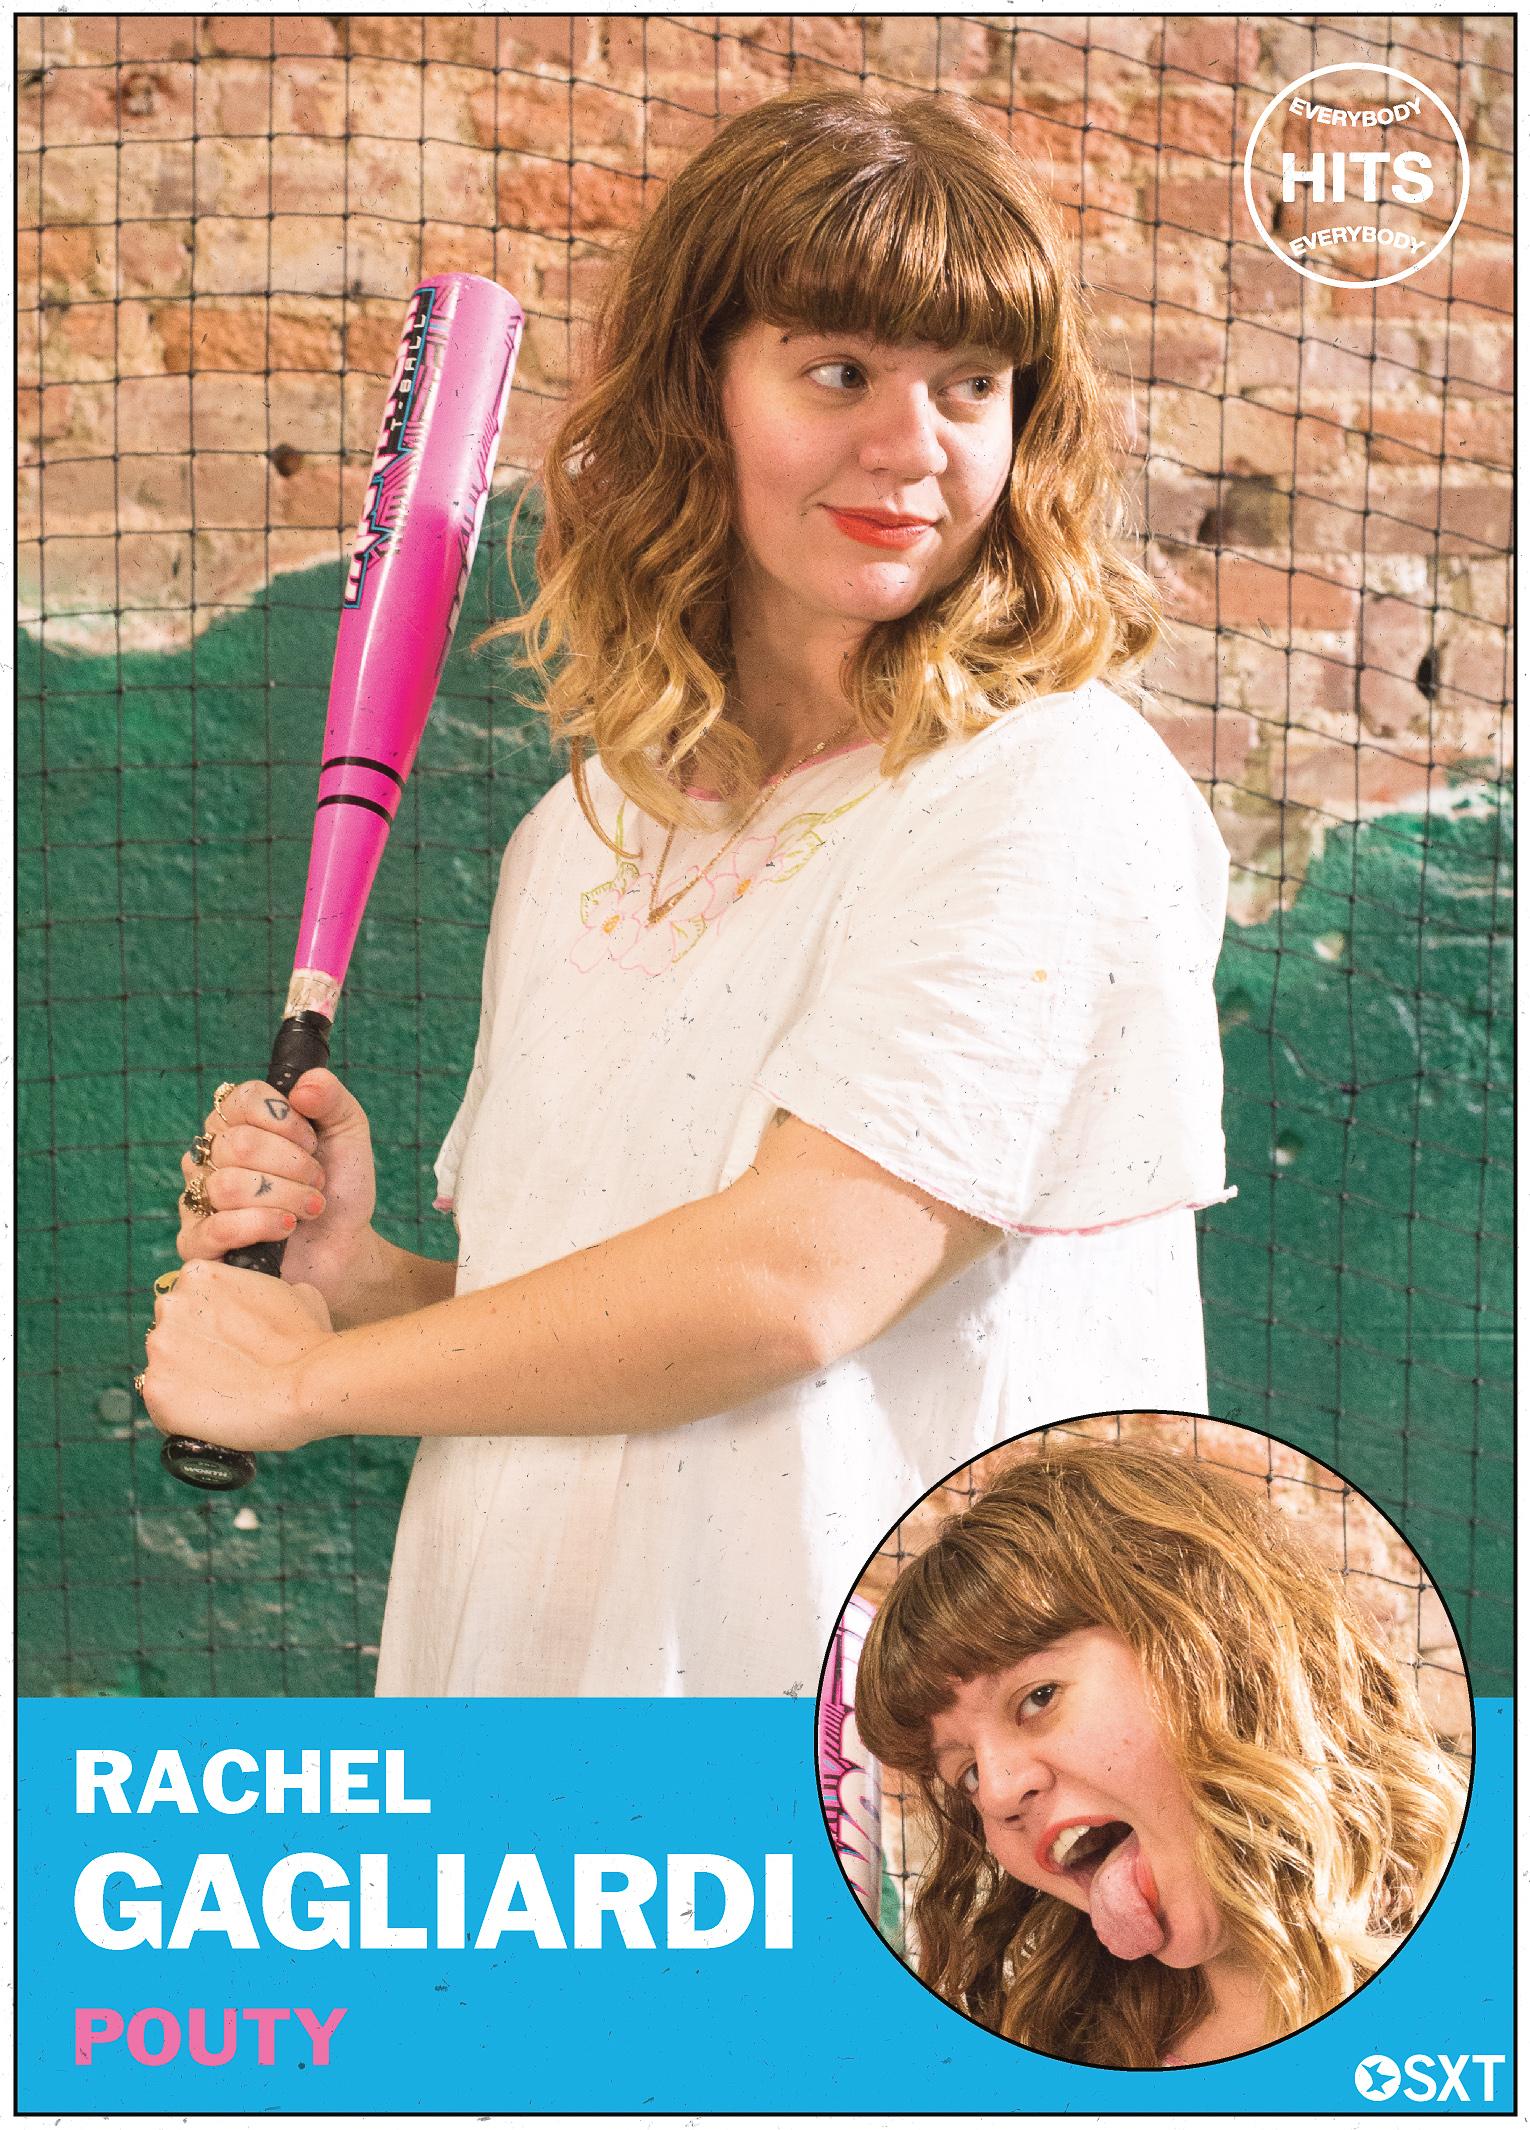 Rachel Gagliardi of Pouty